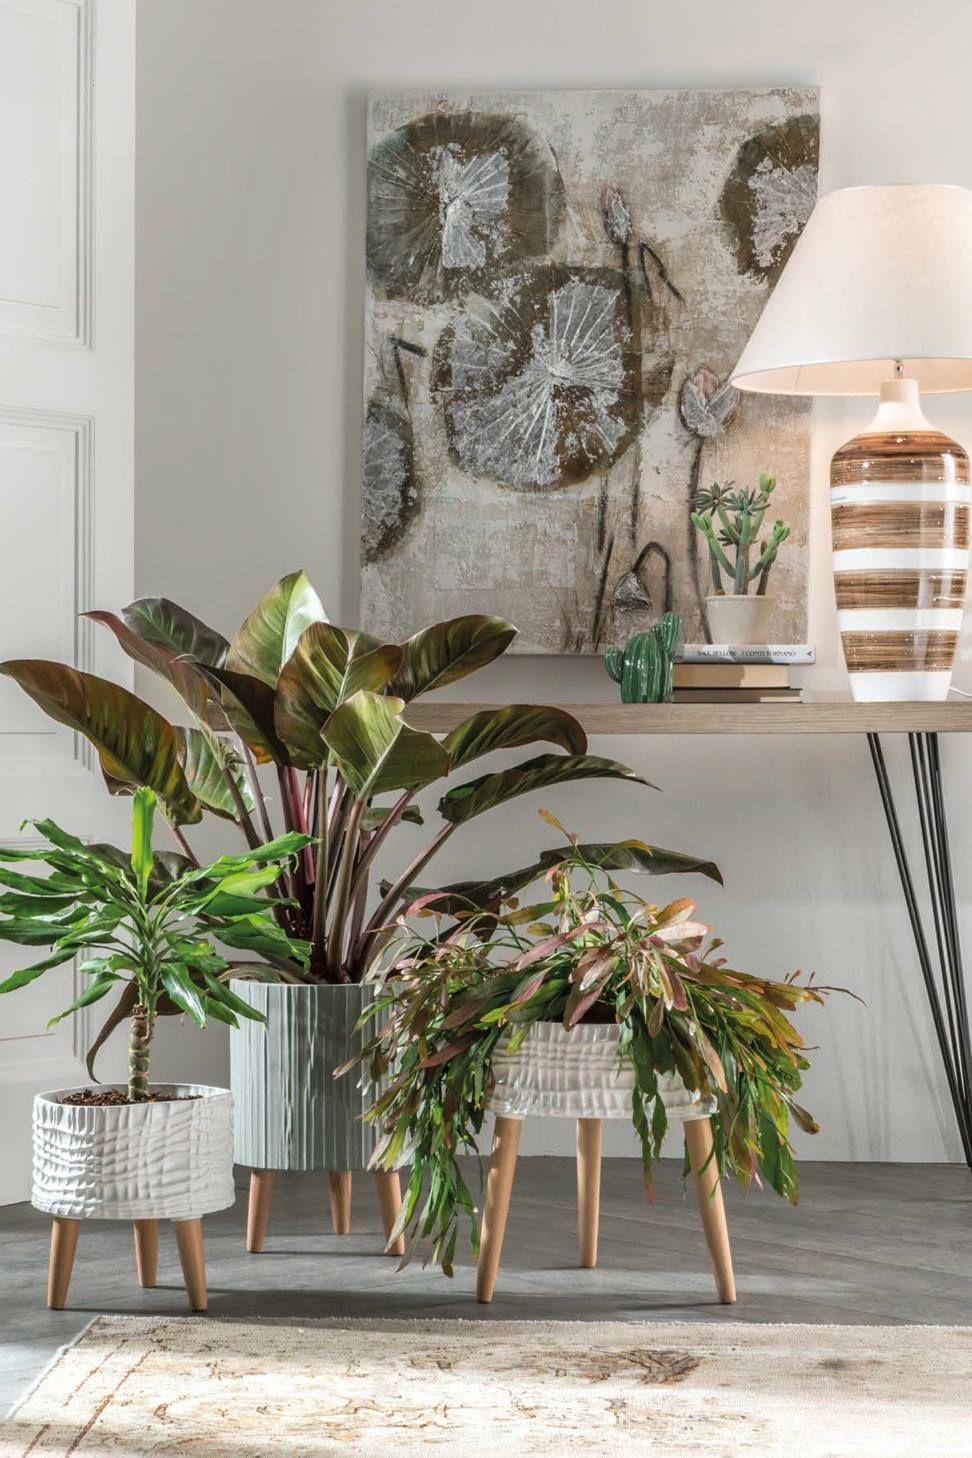 L'Oca Nera 5 idee per arredare casa con le piante da